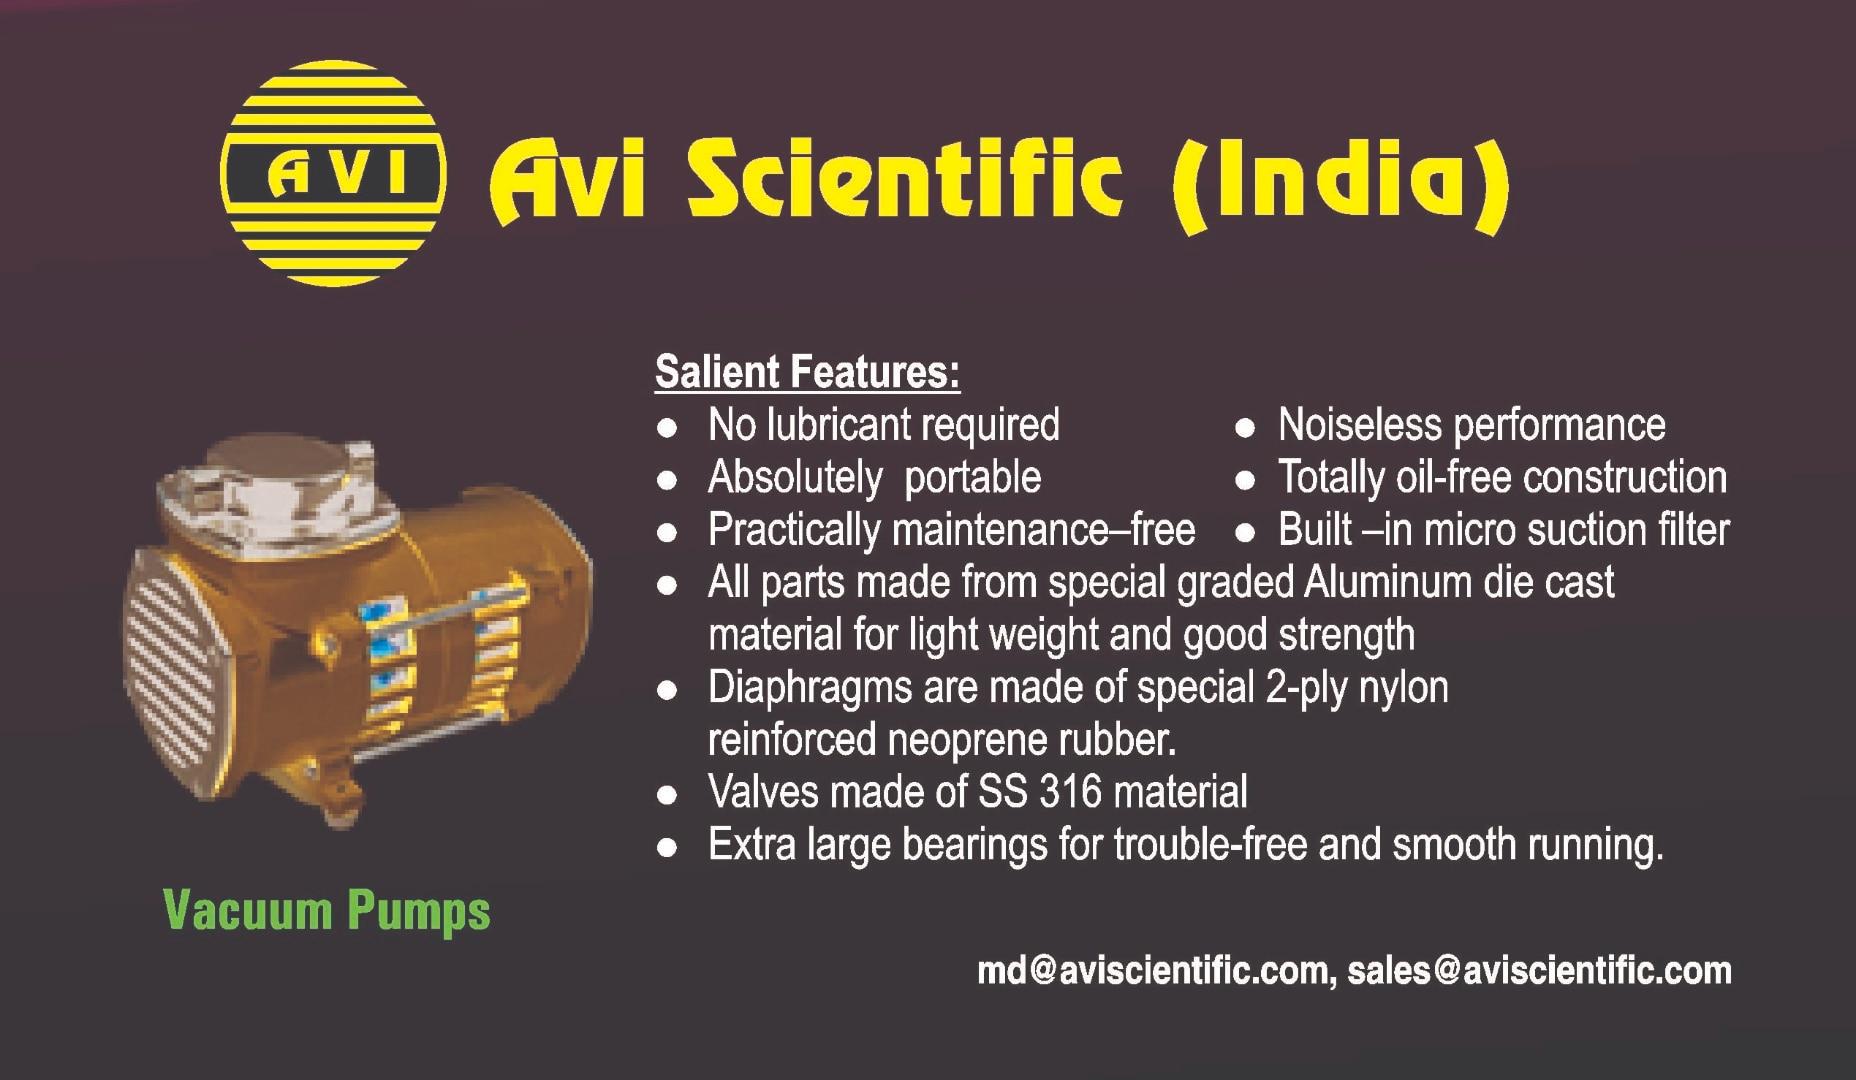 Avi Scientific India